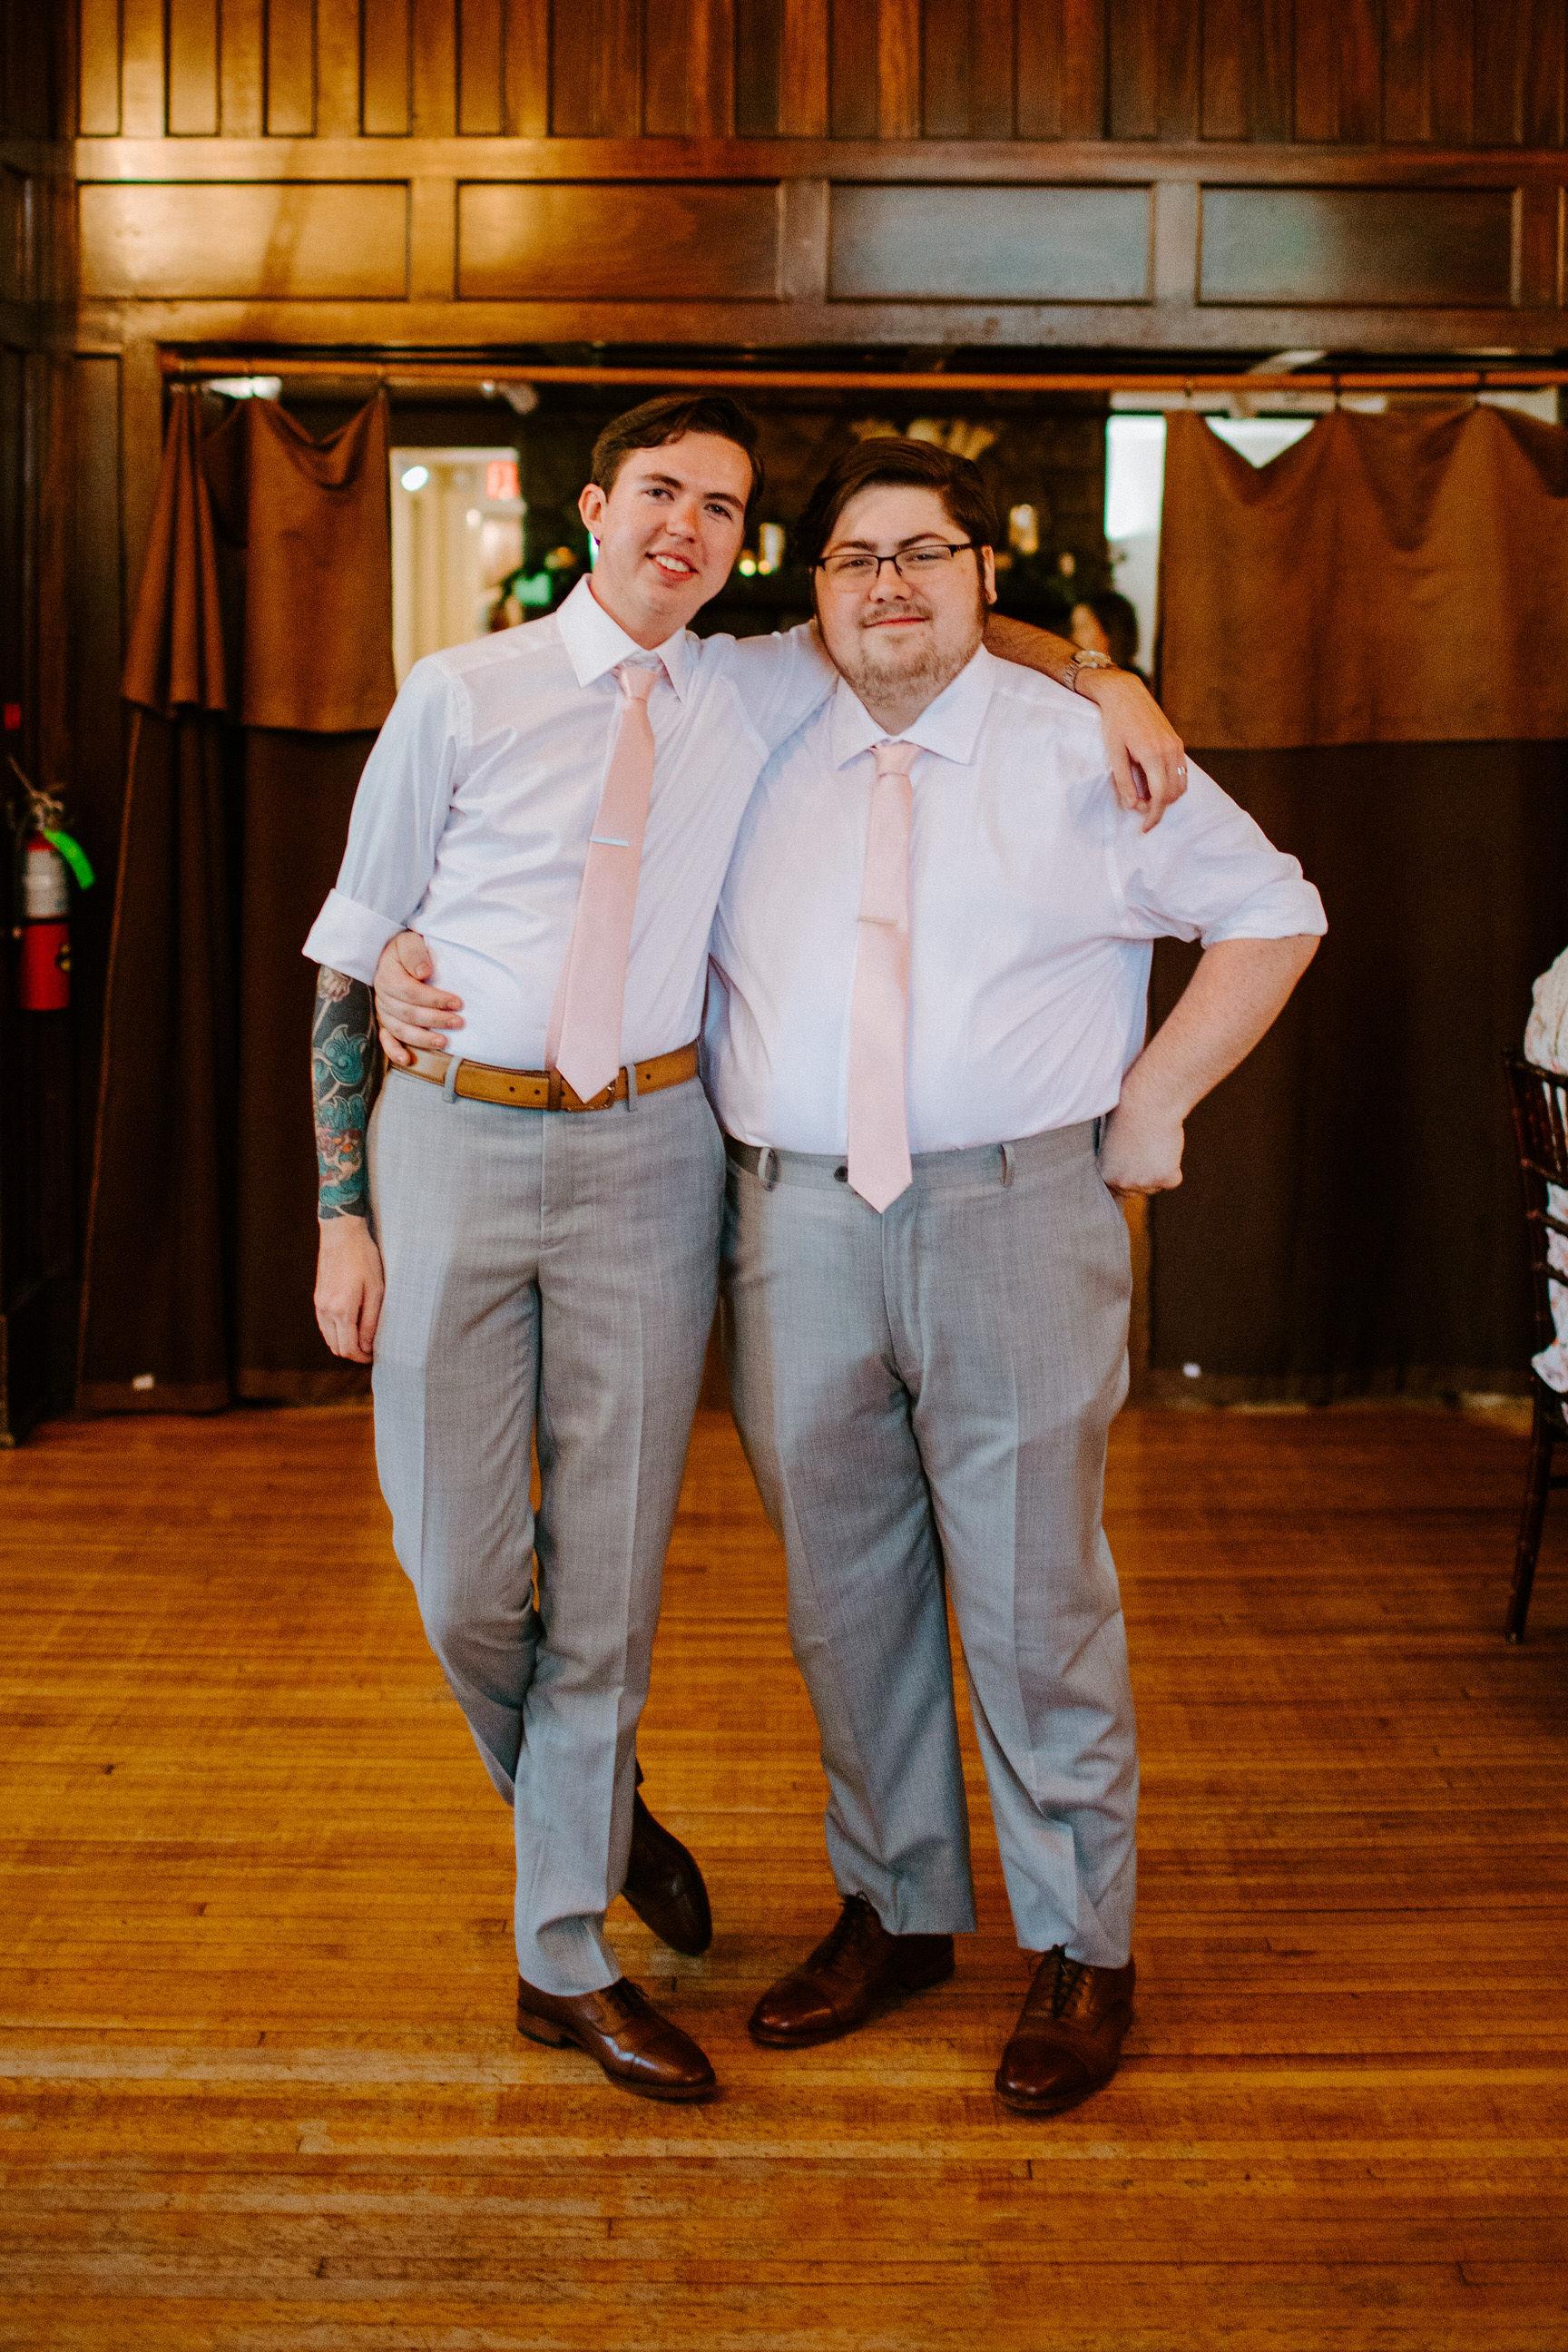 Scott+Andrew-991.jpg